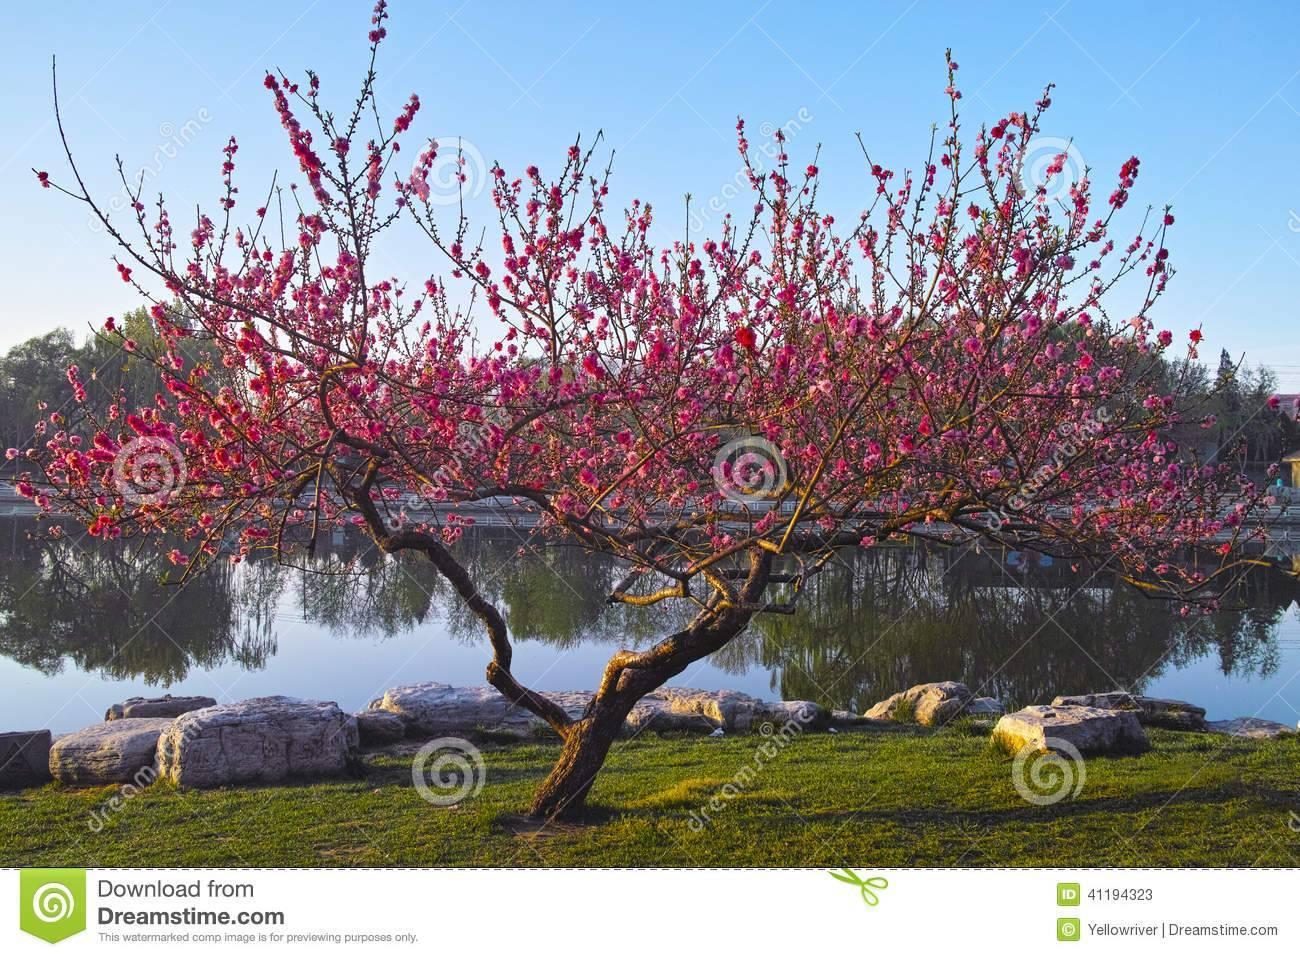 Как правильно посадить персик весной - видео | посадка персика из косточки, саженцем